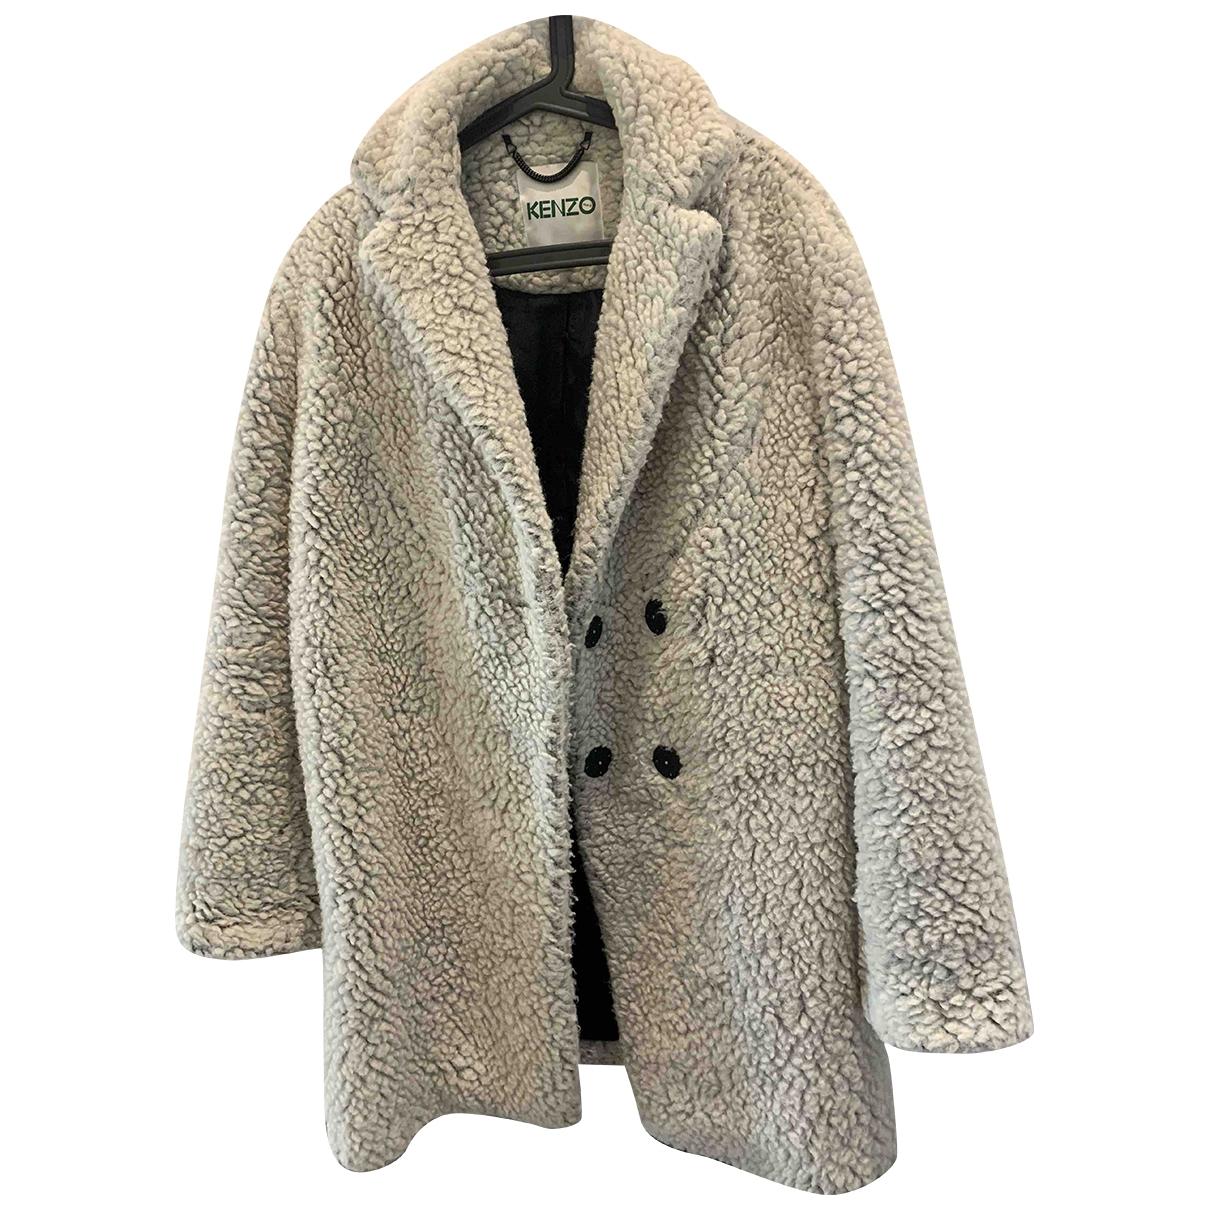 Kenzo \N Ecru Faux fur coat for Women 34 FR